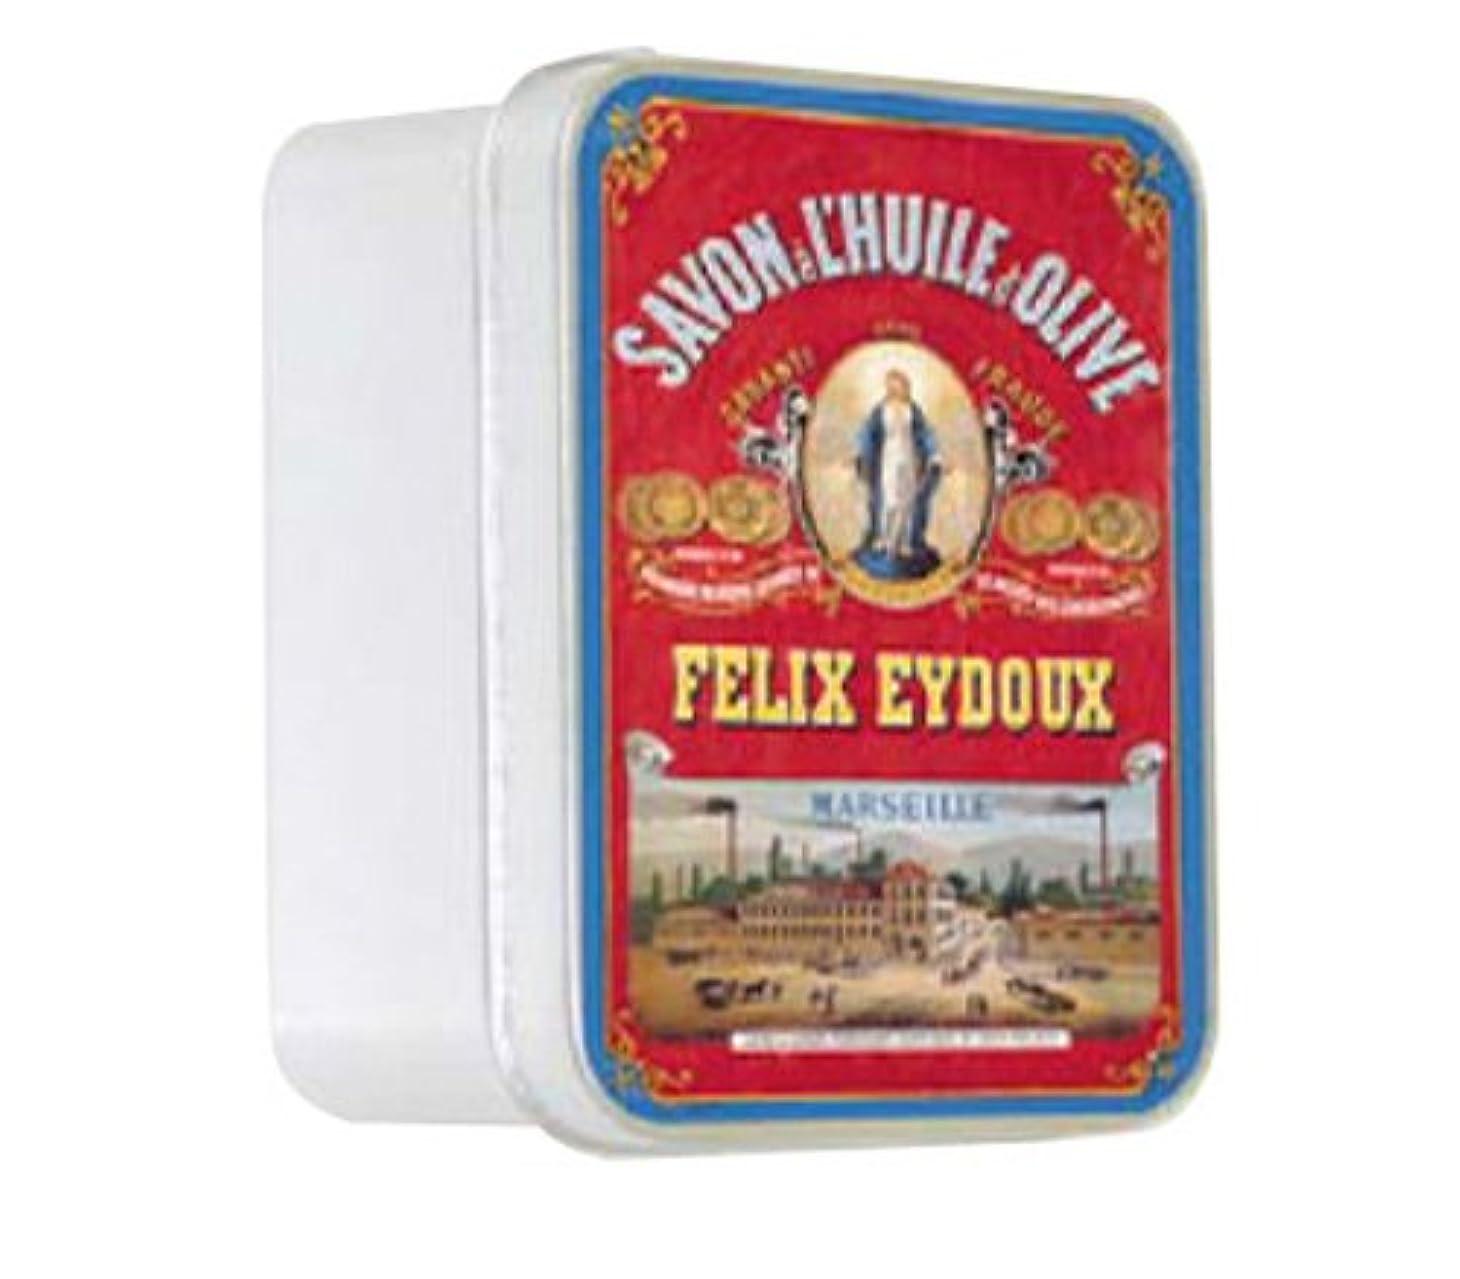 絶対の到着するまたはルブランソープ メタルボックス(マルセイユソープ?オリーブの香り)石鹸